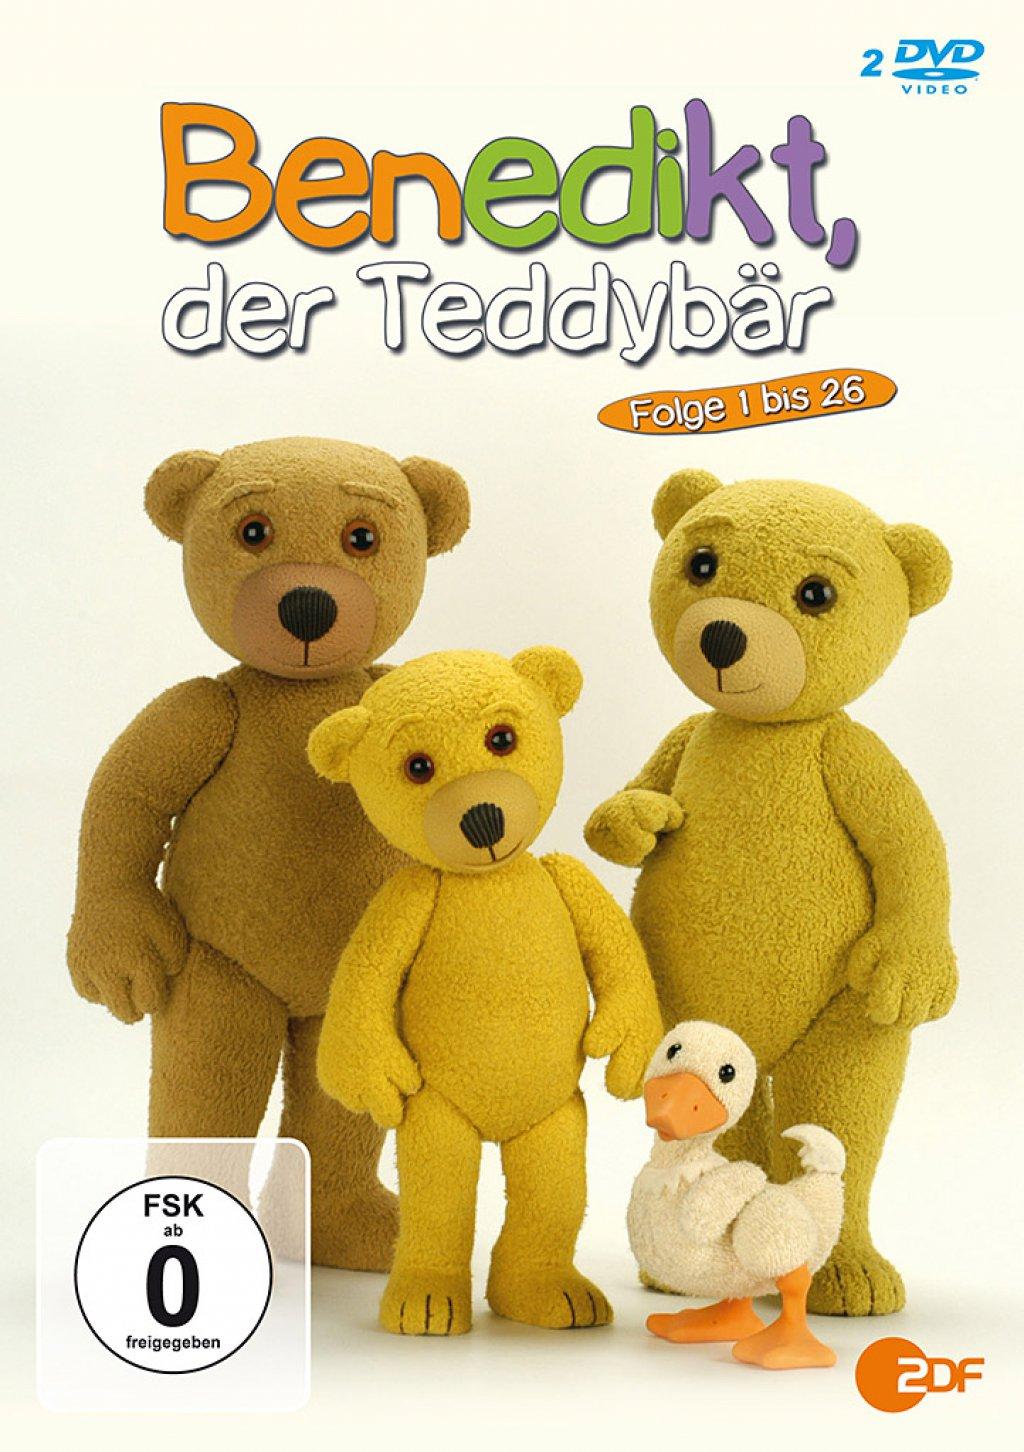 Benedikt, der Teddybär - Folge 01-26 (DVD)